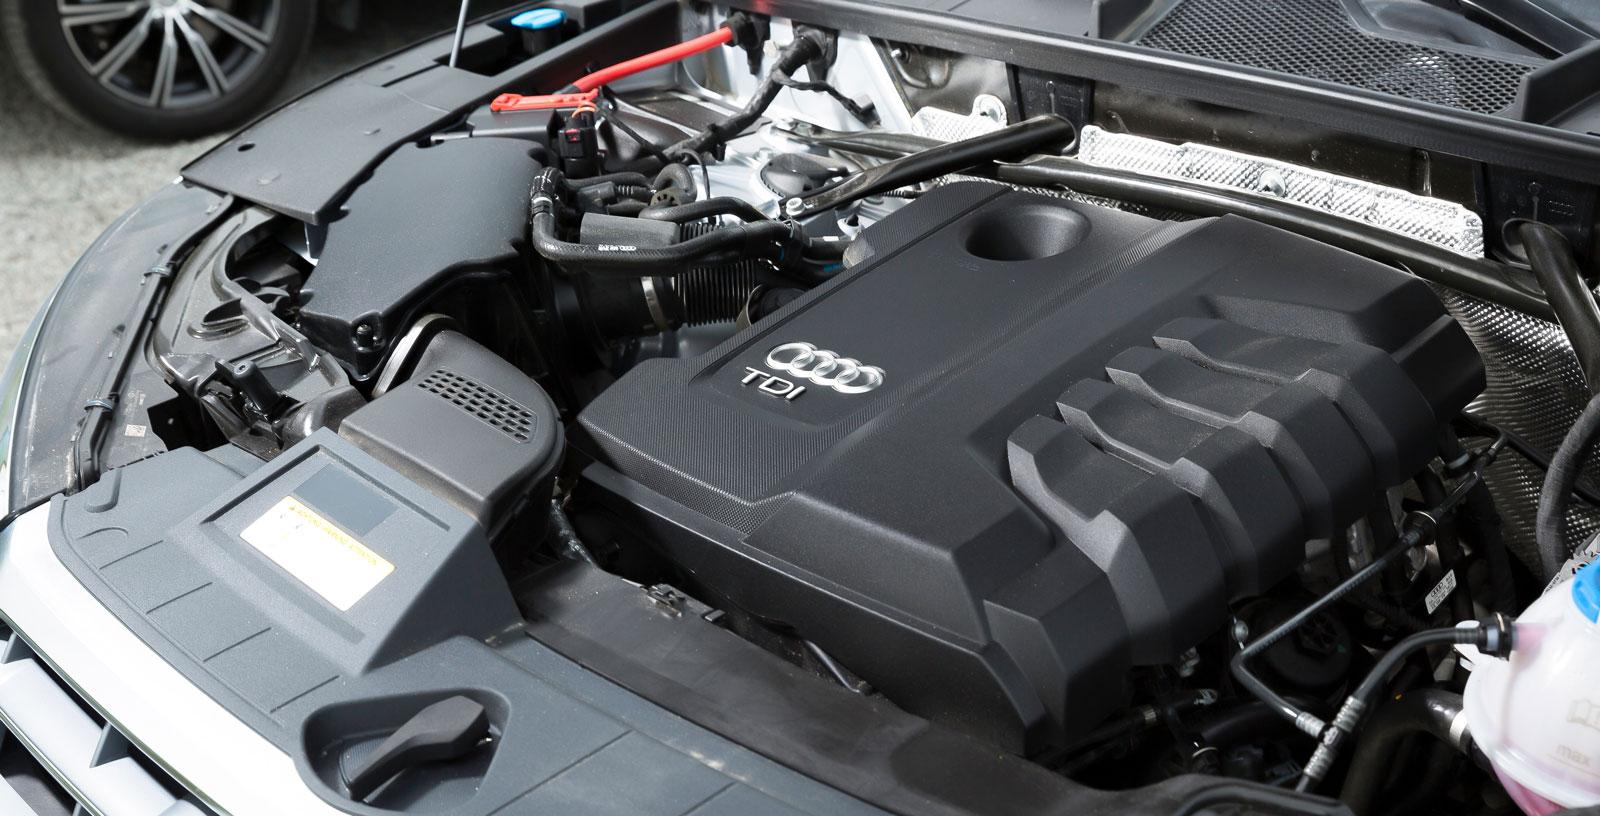 En maskin som gör ett starkt och riktigt tyst jobb, dieselkaraktären är nästan helt borttonad. I låg fart kan dock DSG-lådan arbeta en smula ryckigt.